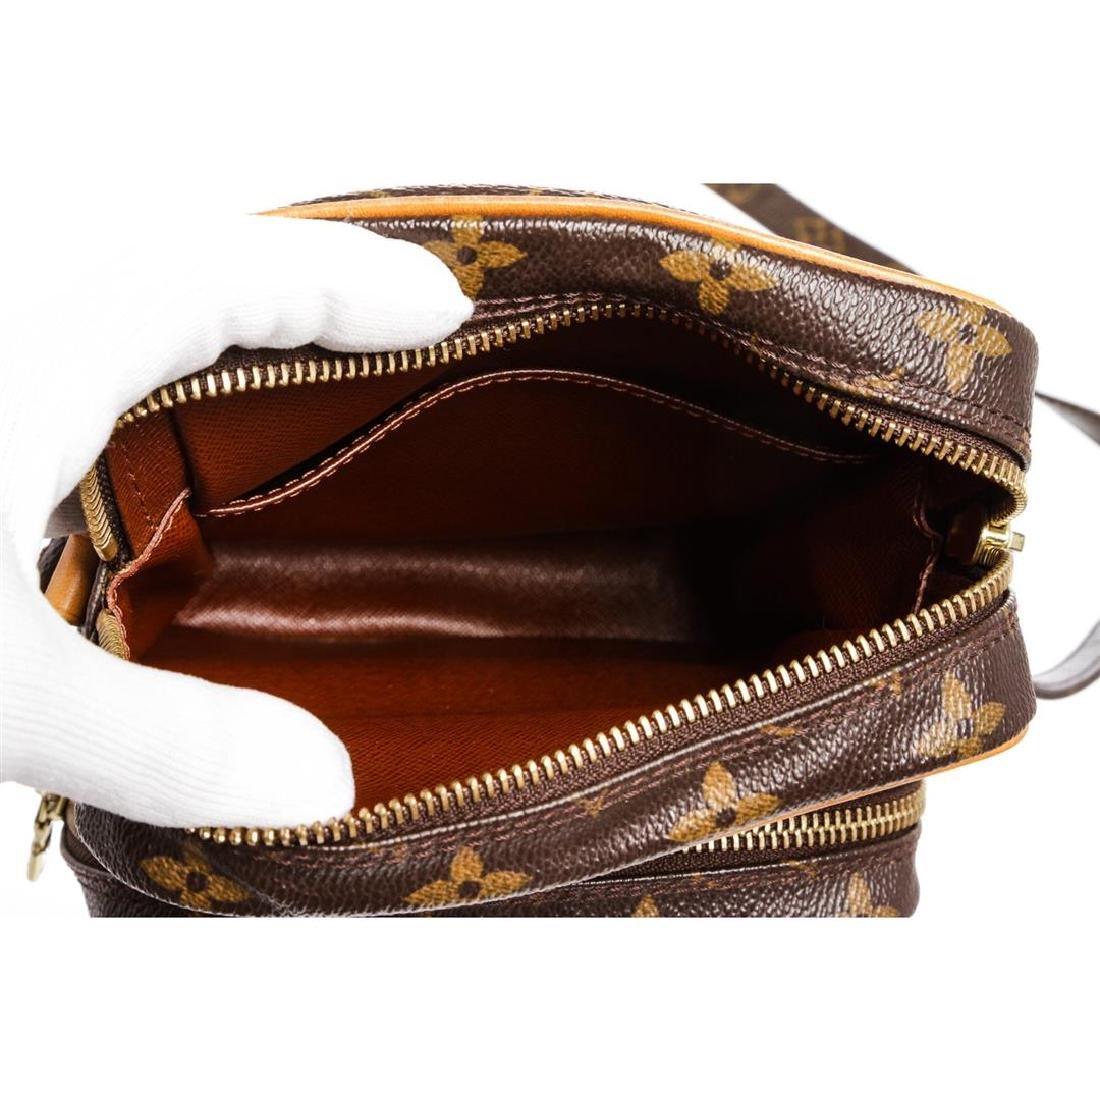 Louis Vuitton Monogram Canvas Leather Amazone Crossbody - 6